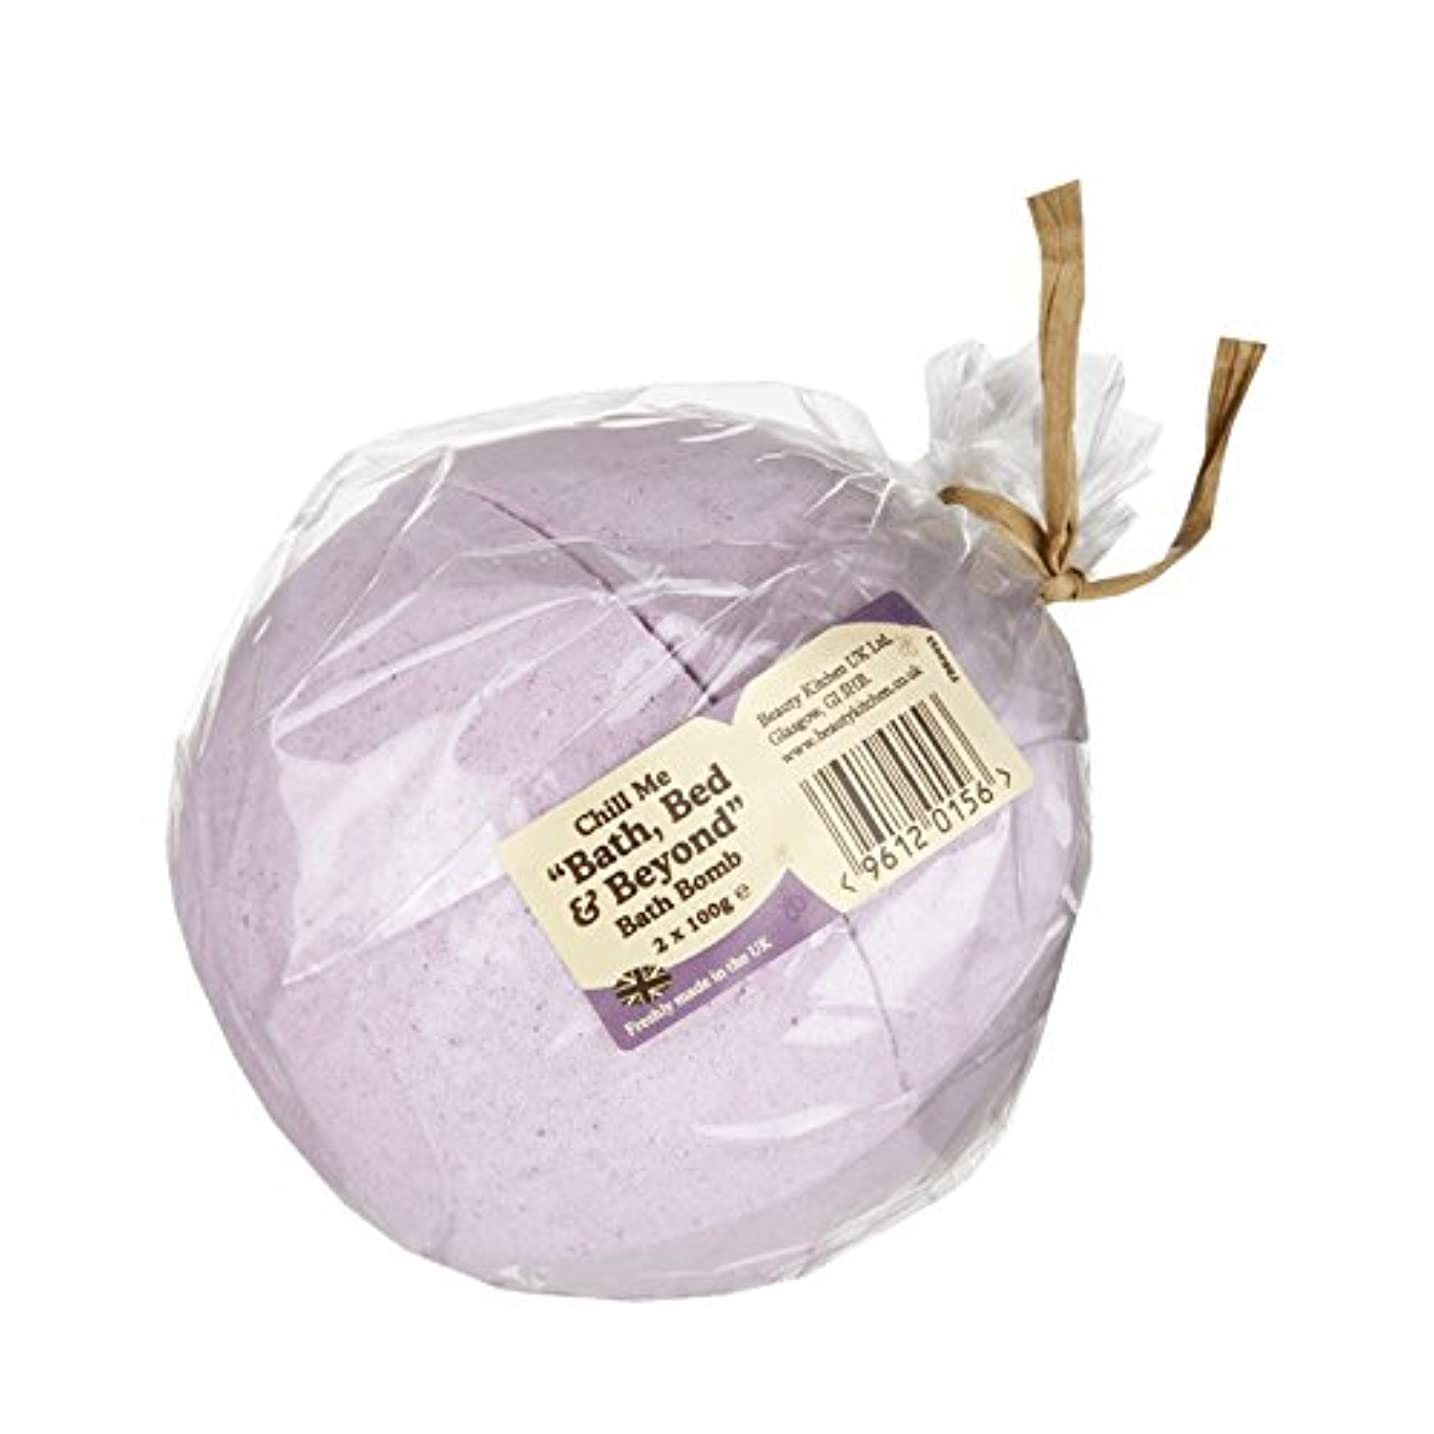 過敏な花束柱Beauty Kitchen Chill Me Bath, Bed & Beyond Bath Bomb 2 x 100g (Pack of 2) - 美しさのキッチンには、バスタブ、ベッド&バス爆弾2×100グラムを超...